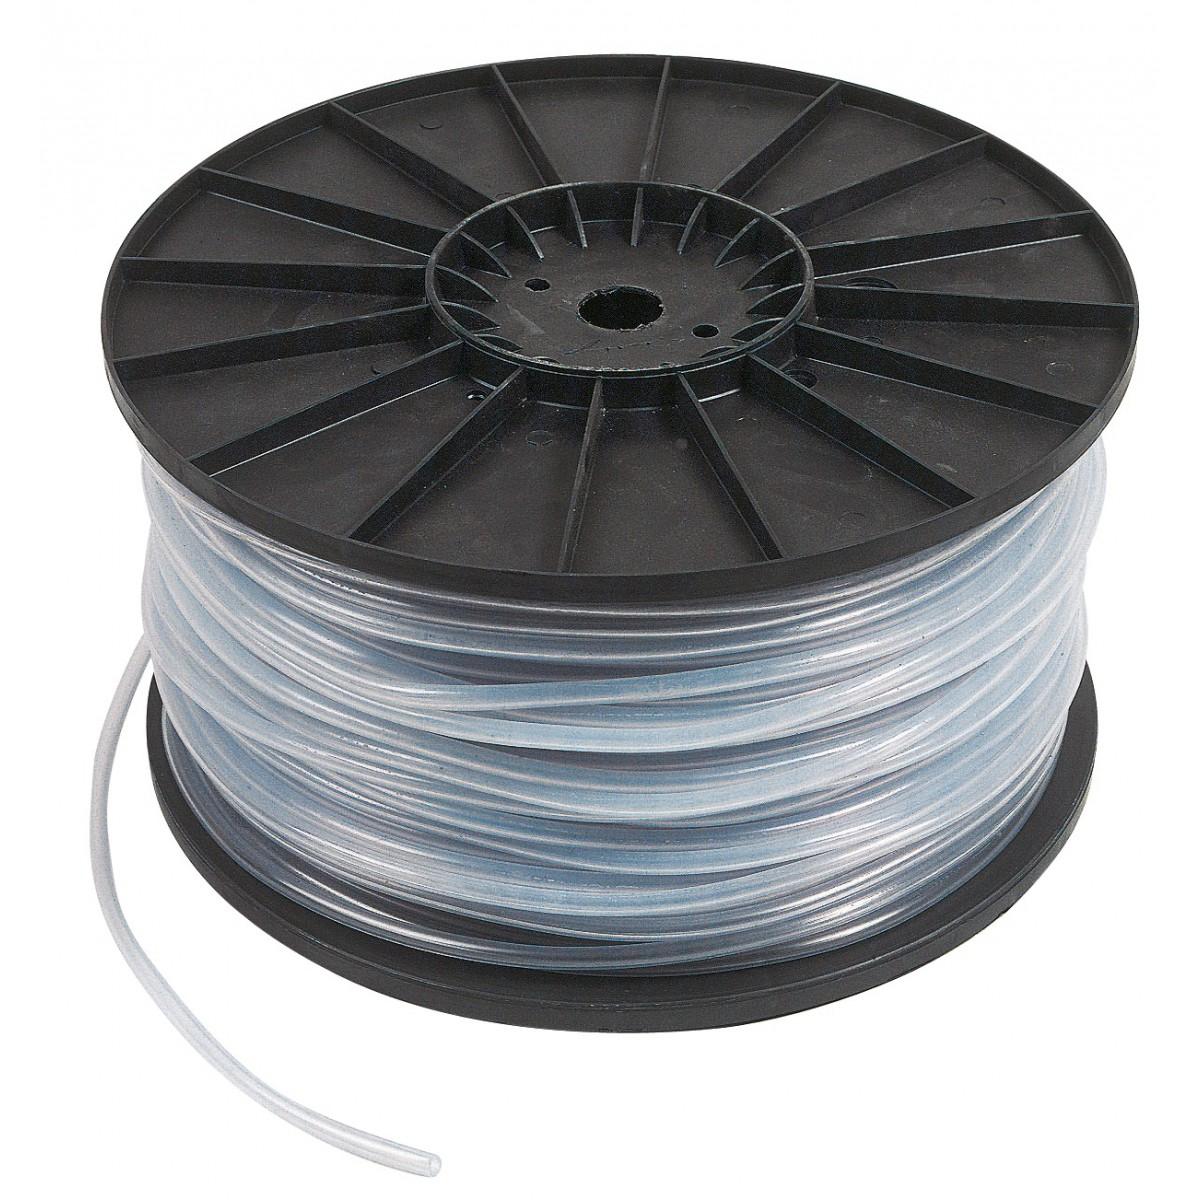 Bobine dévidoir cristal non armé Cap Vert - Longueur 200 m - Diamètre intérieur 4 mm - Extérieur 7 mm